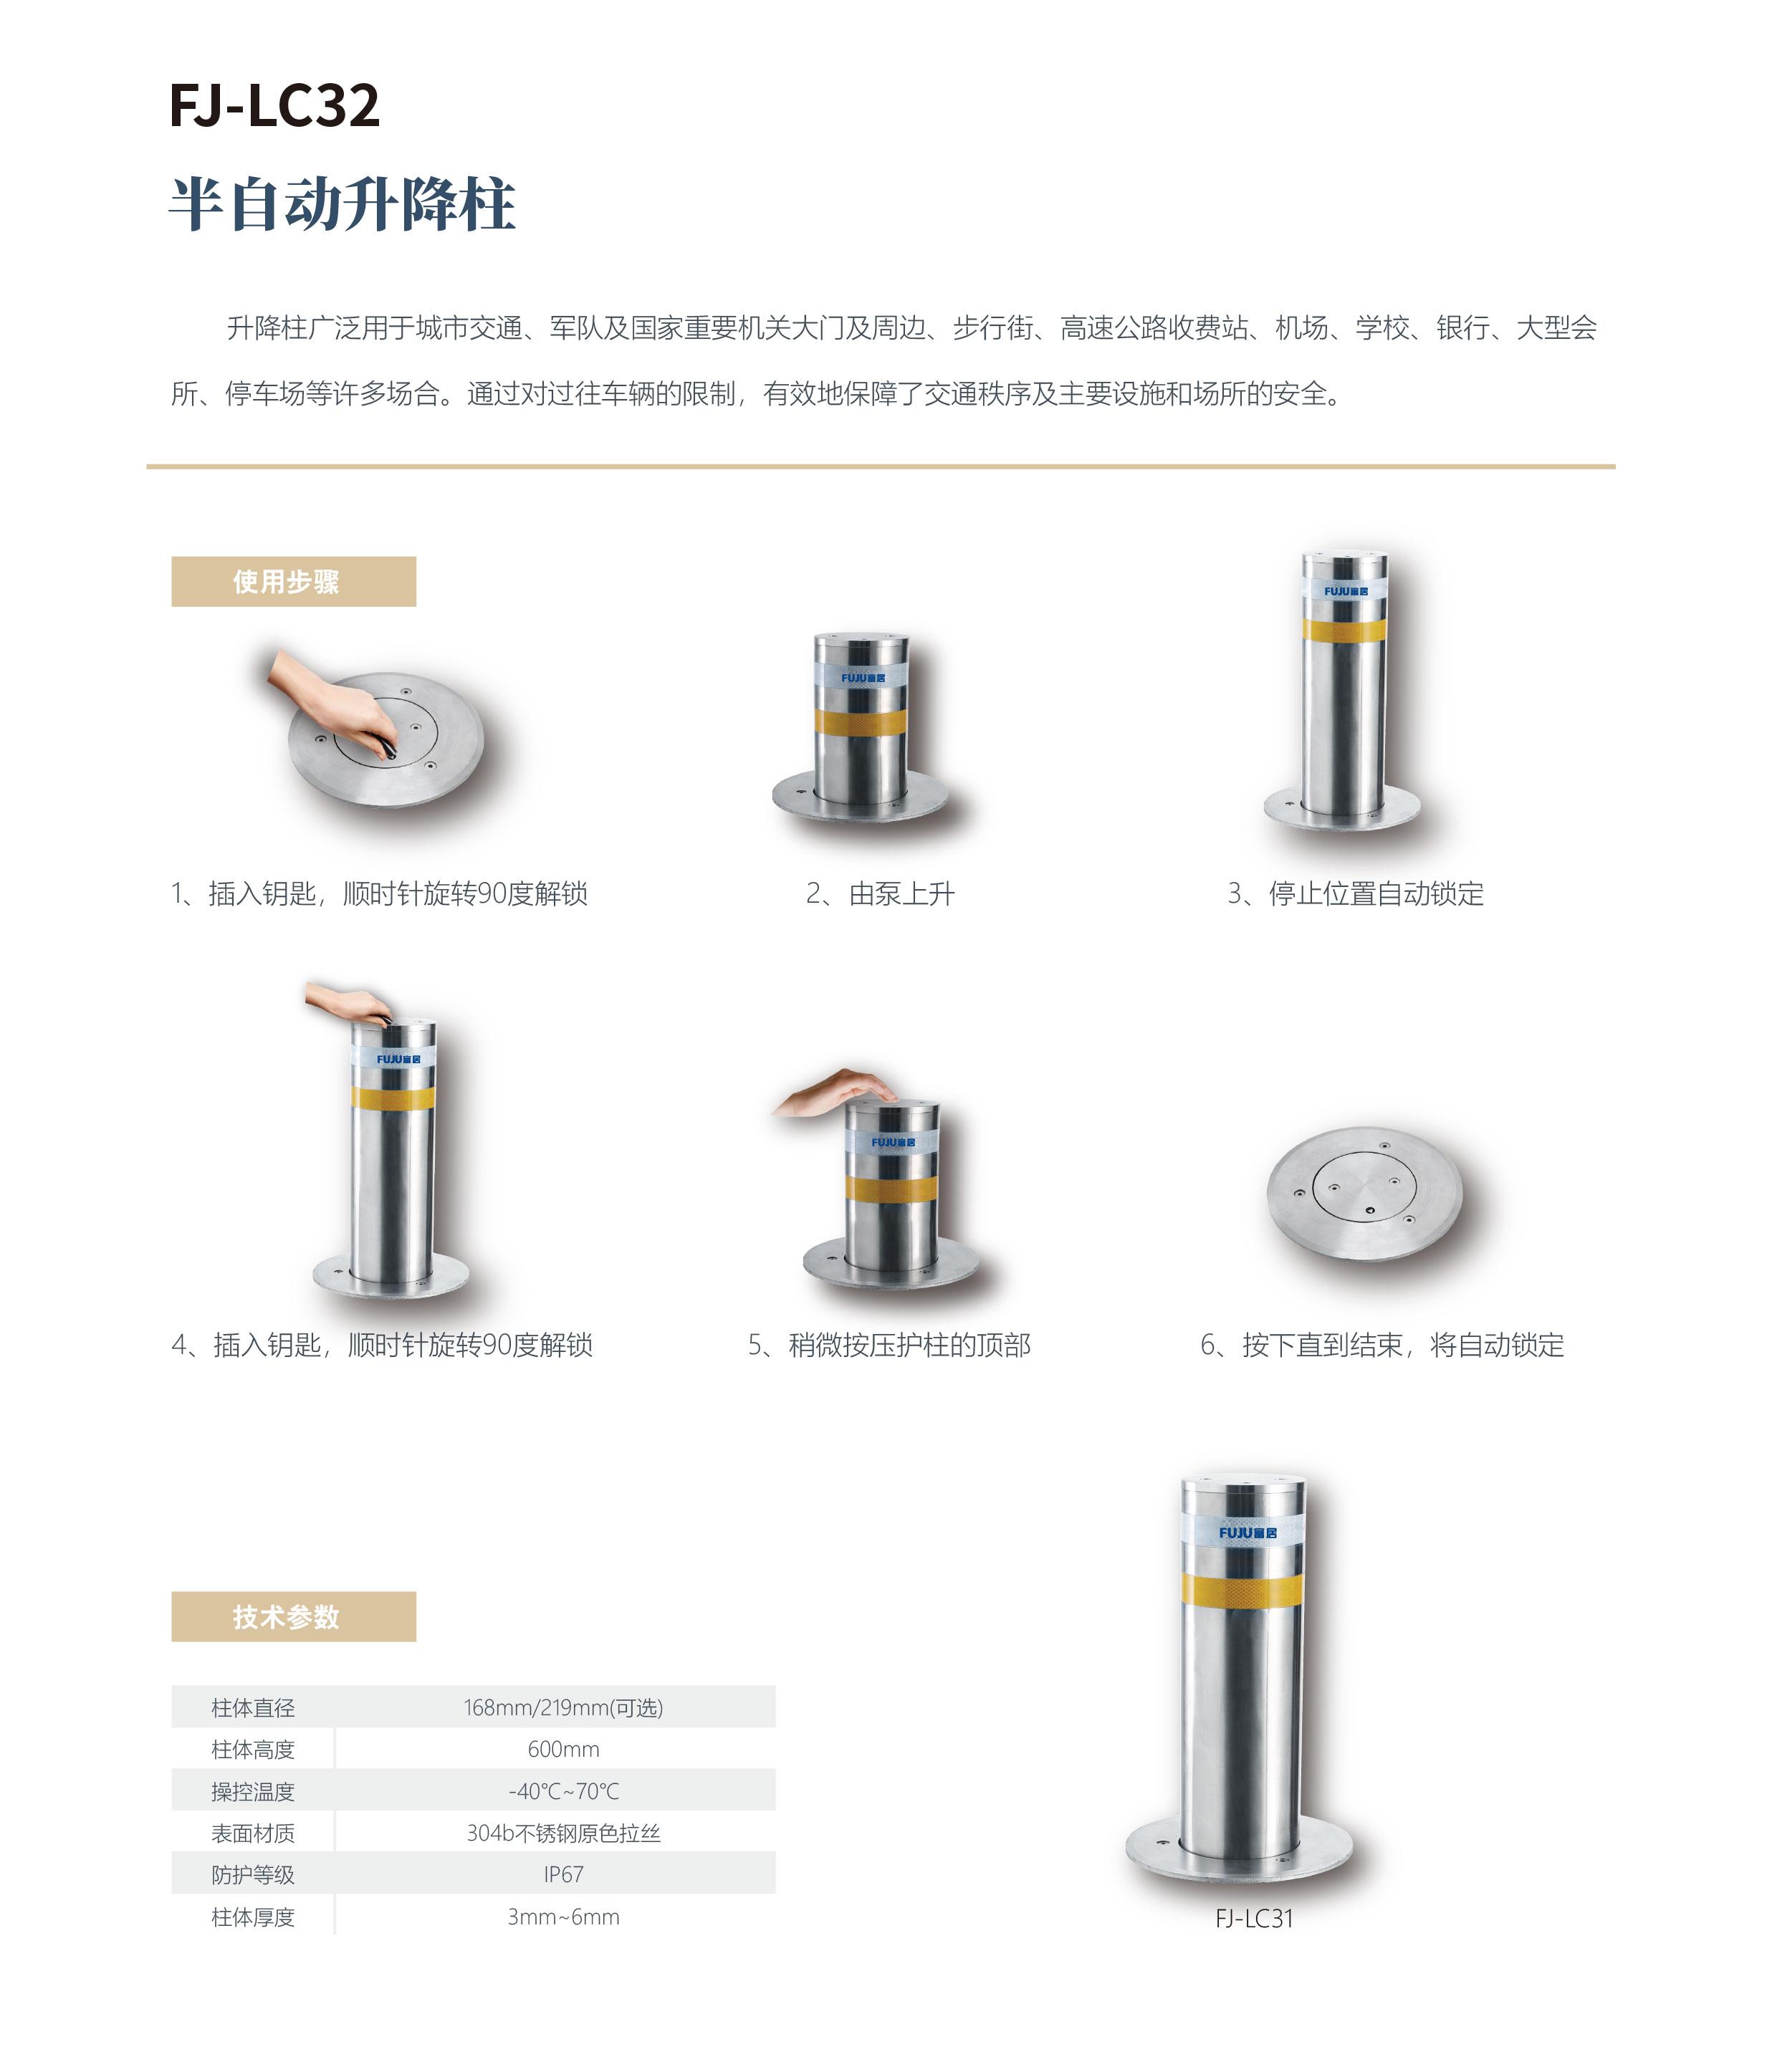 杭州富居数码科技有限公司最终稿-26_03.jpg